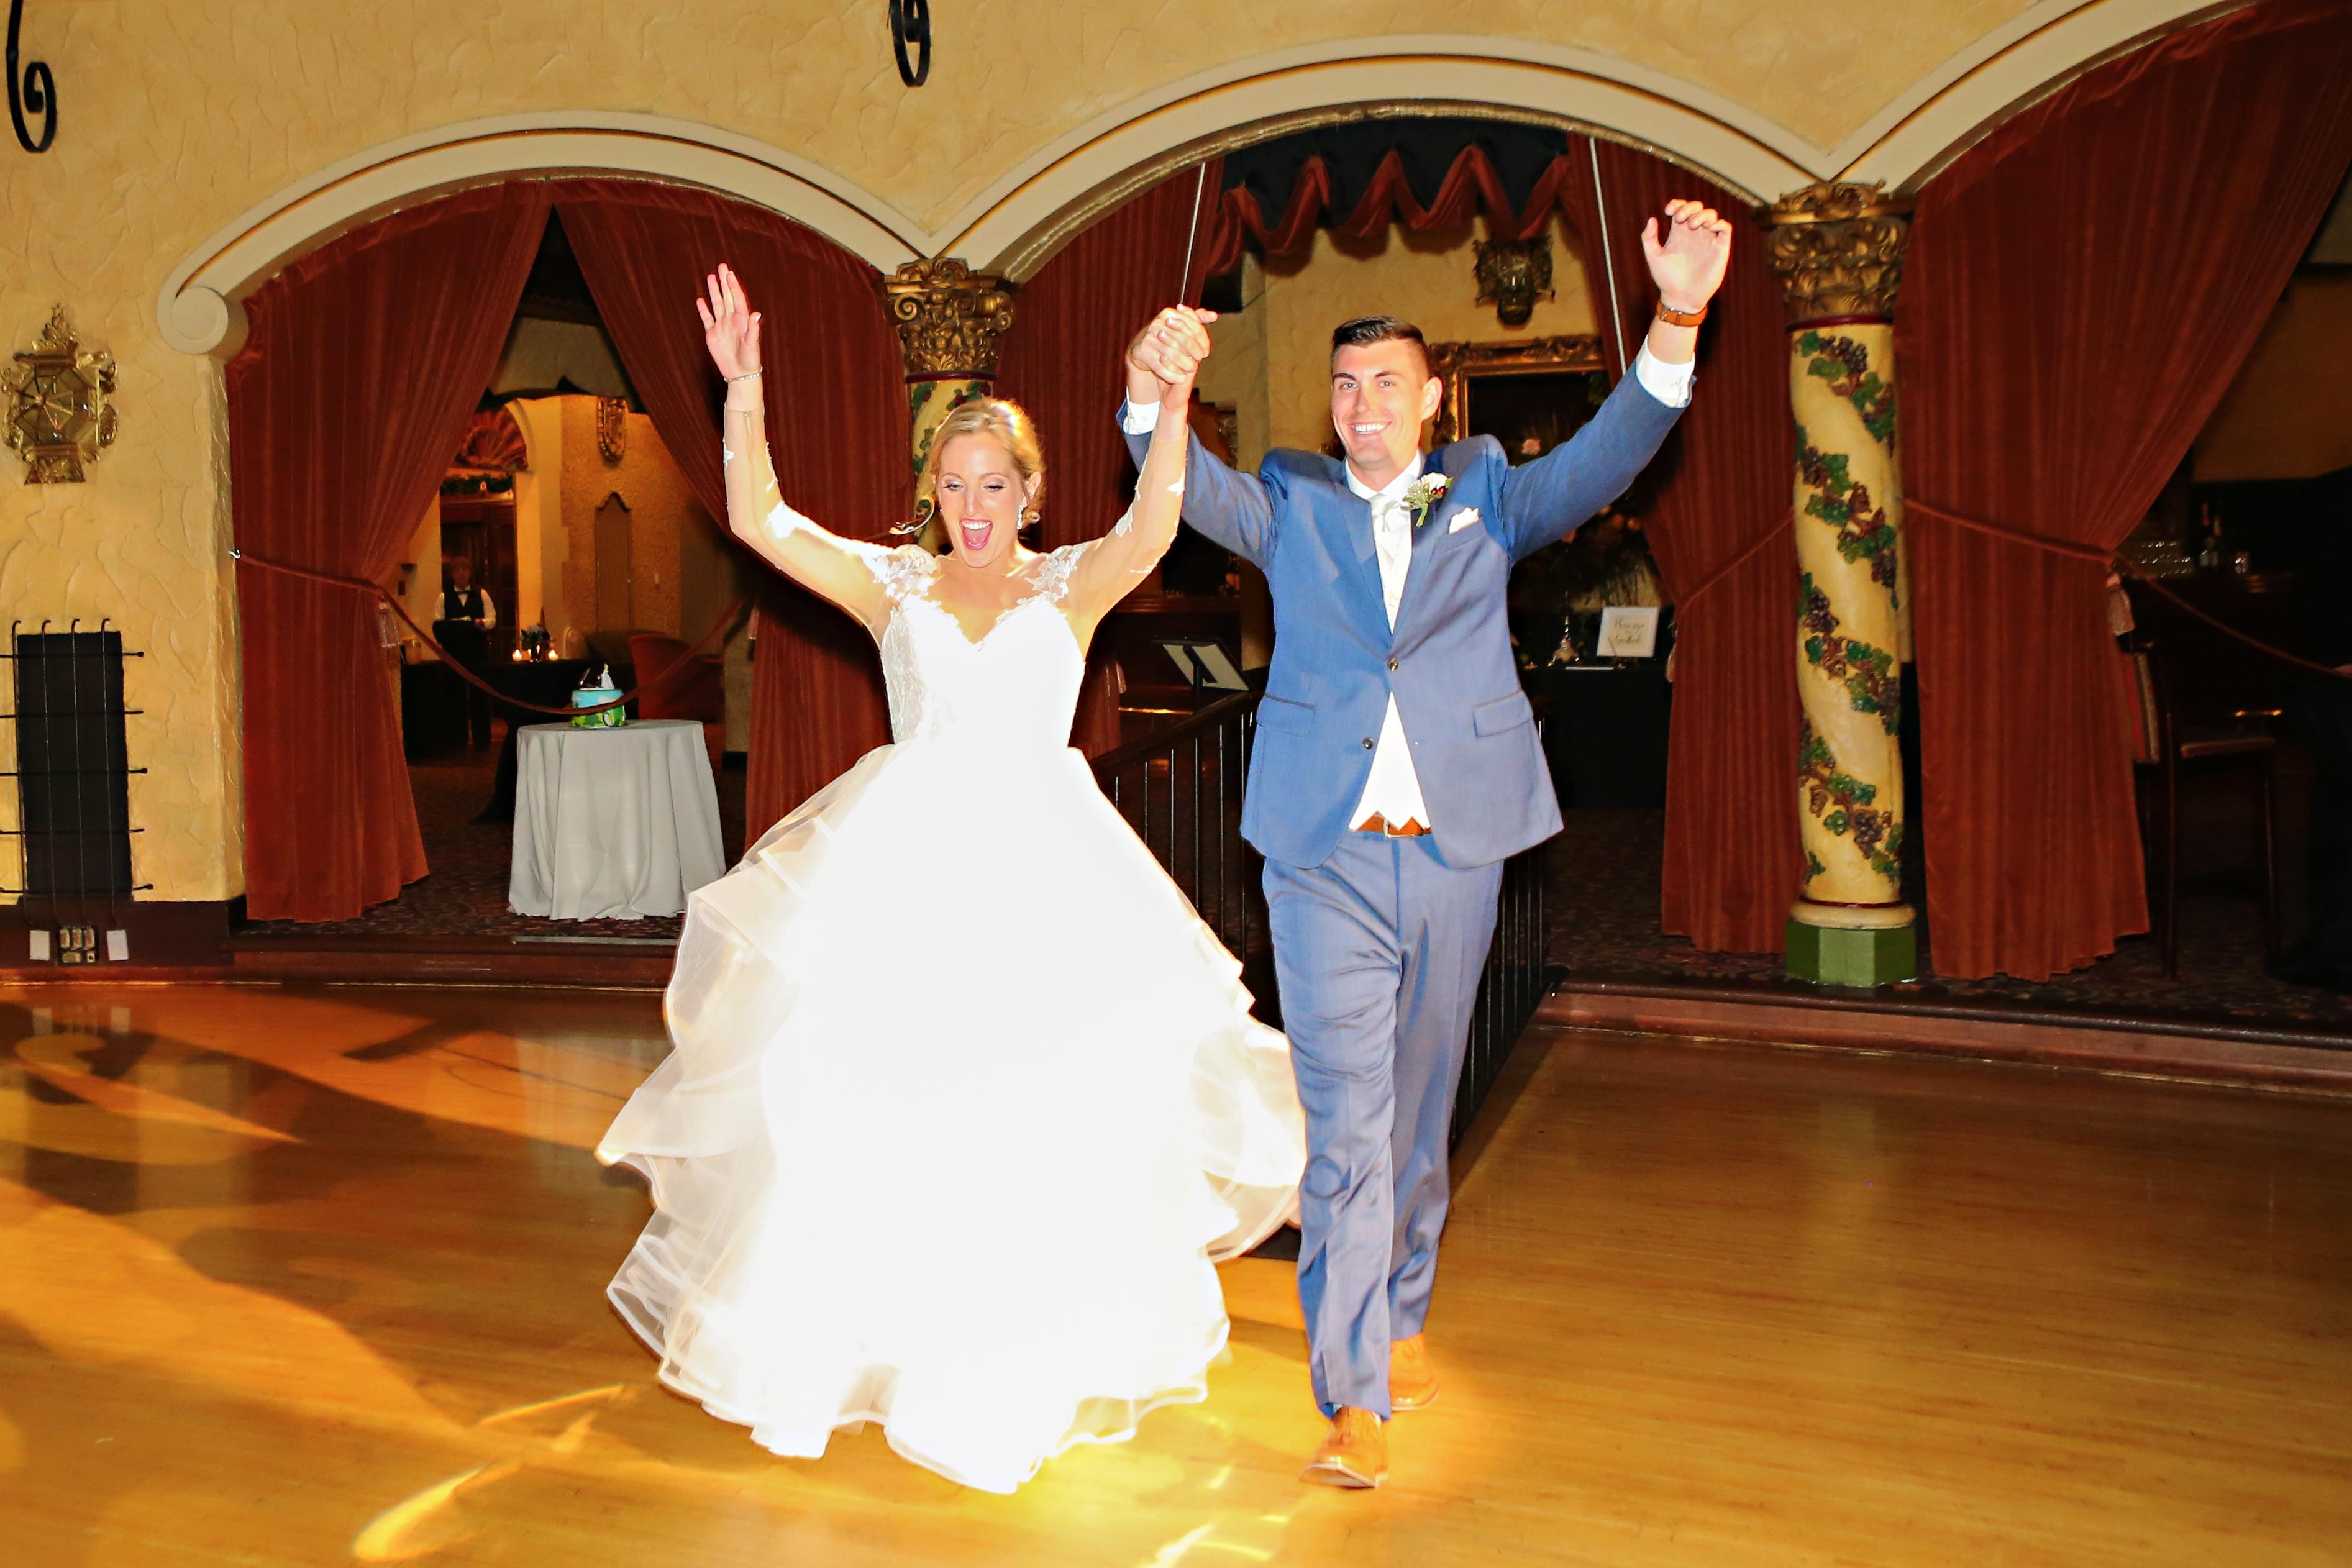 Jordan Ryan Indiana Roof Ballroom Wedding 314